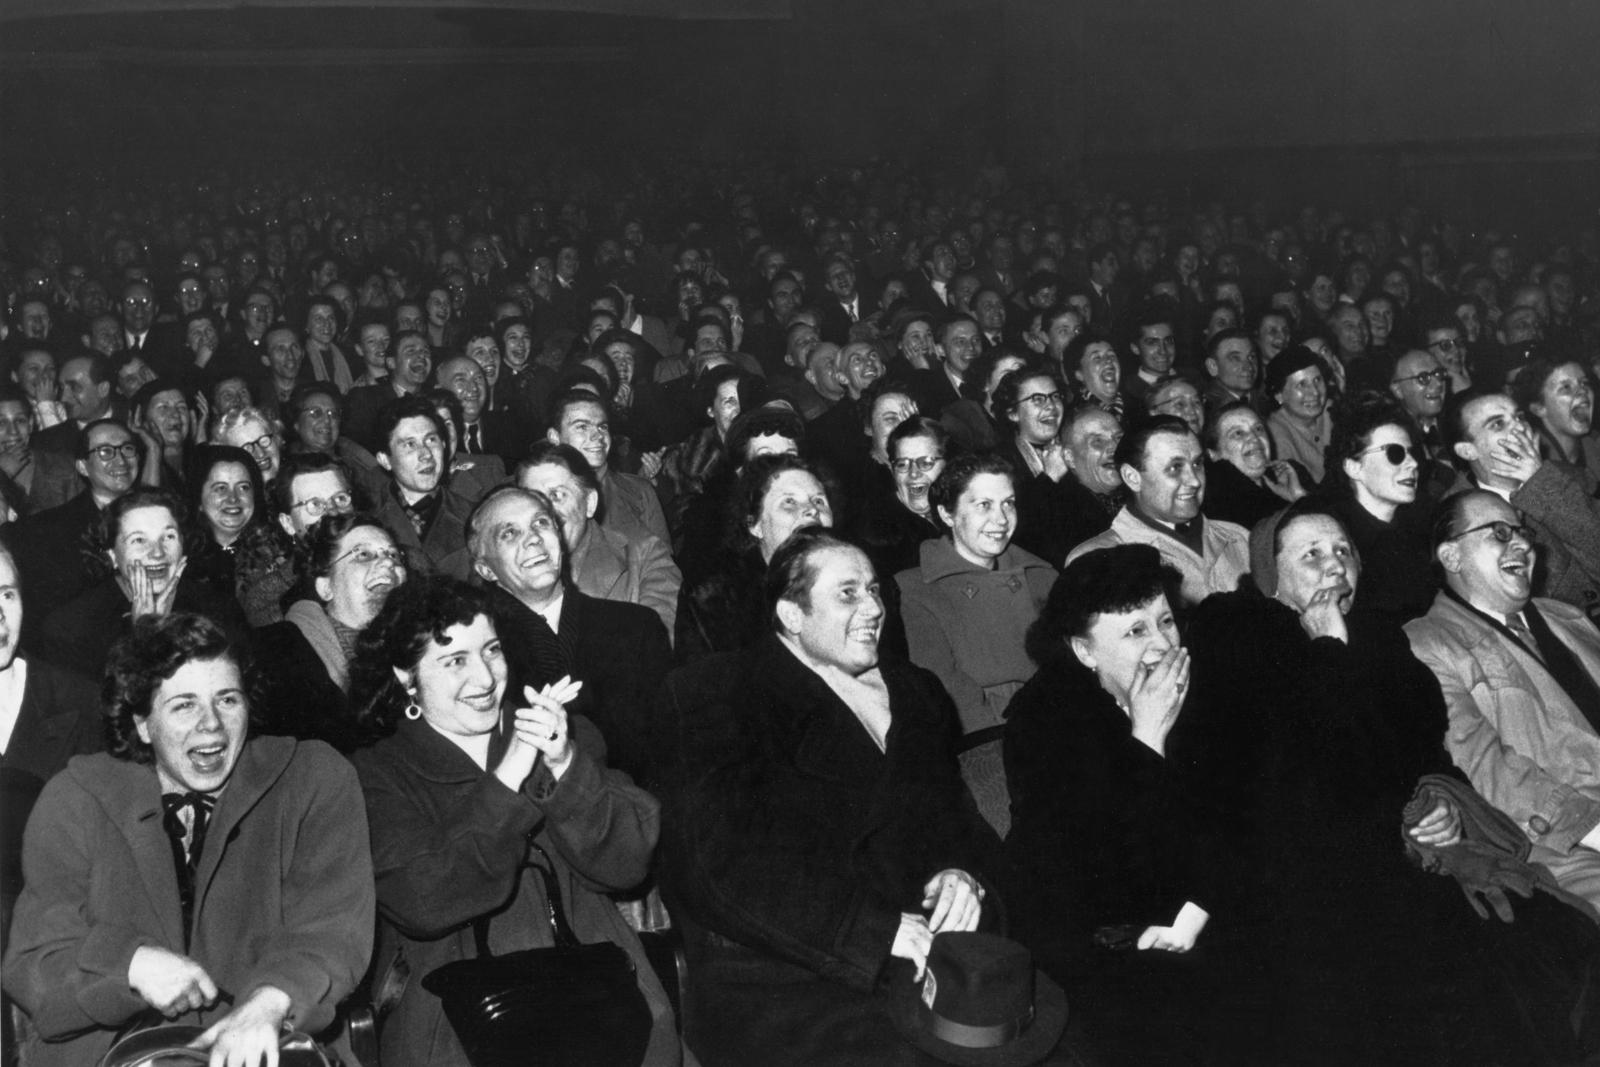 Delphi Filmpalast, 1954, in Berlin